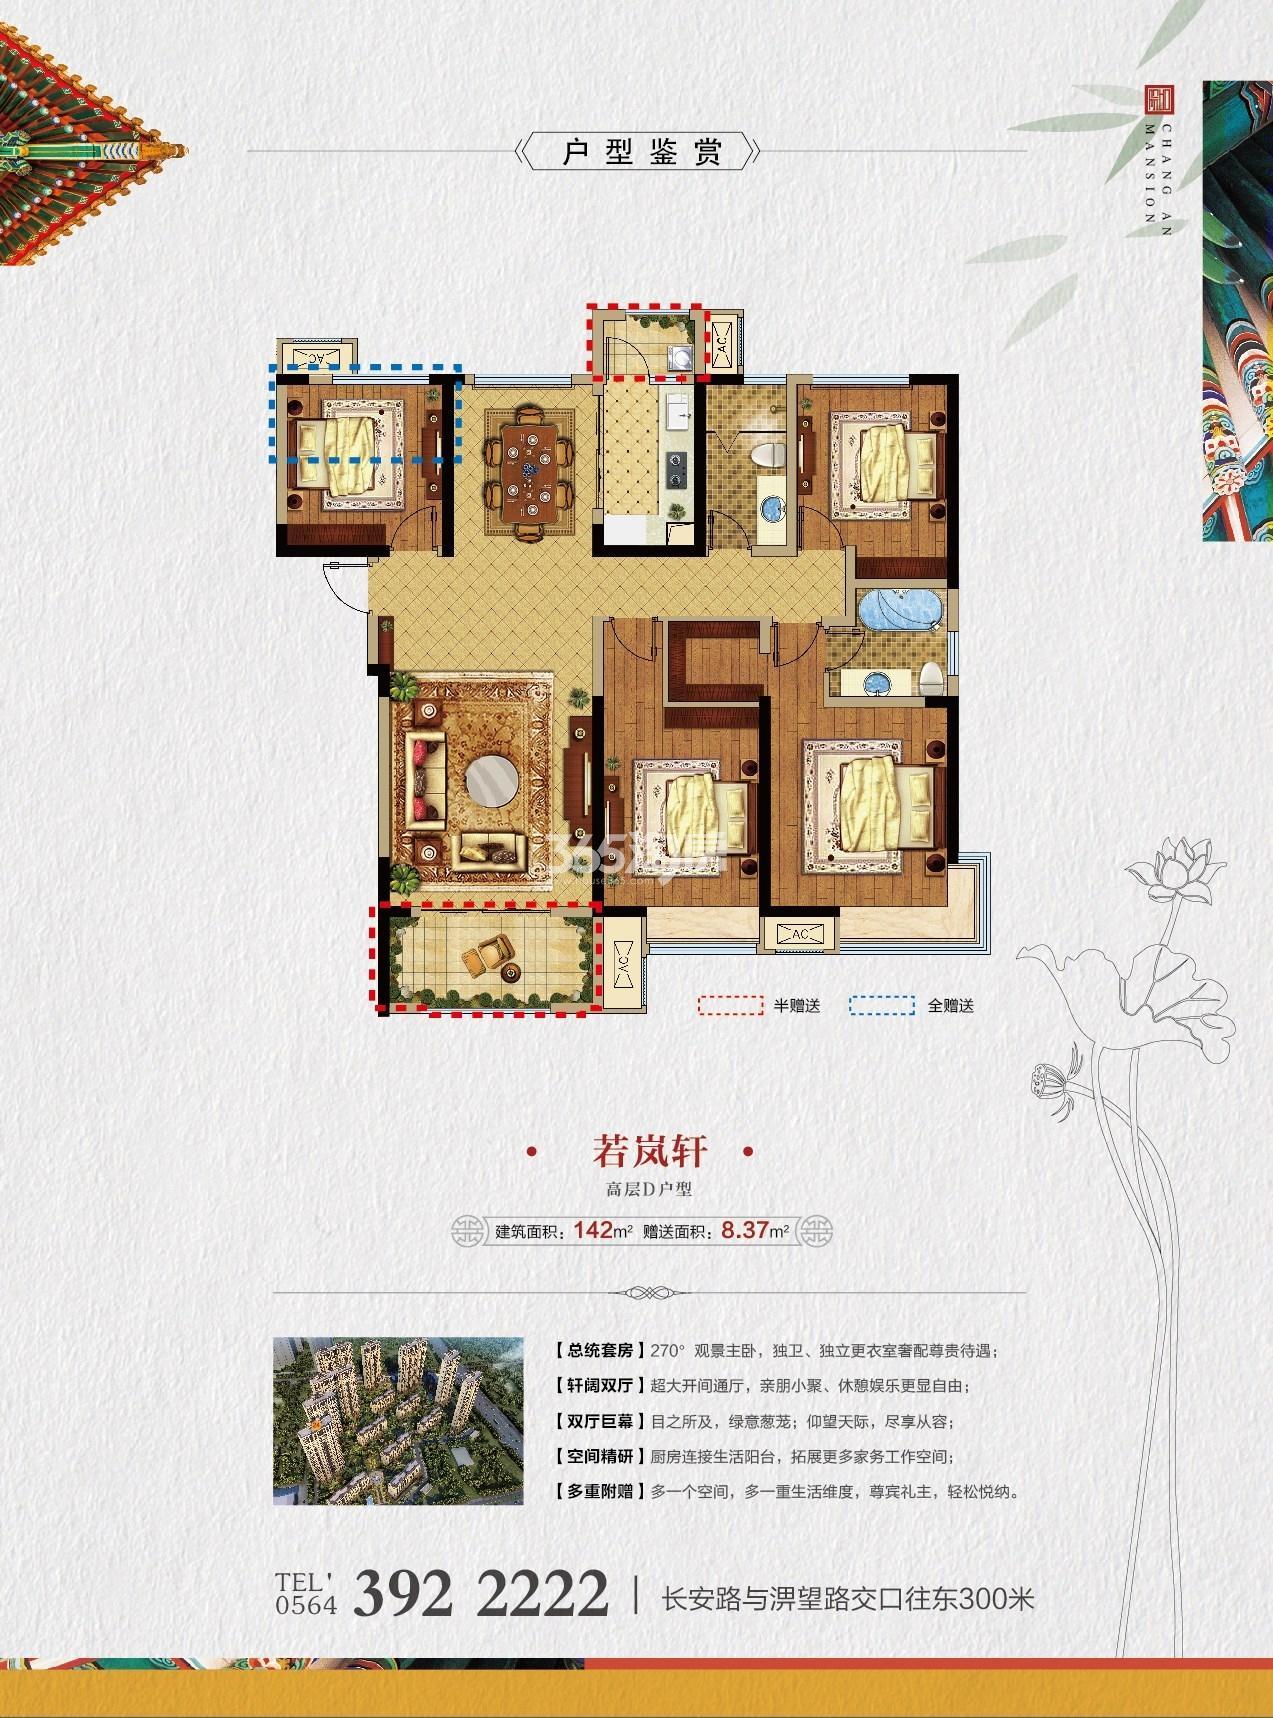 长安城·如院项目若岚轩高层D户型142平米户型图